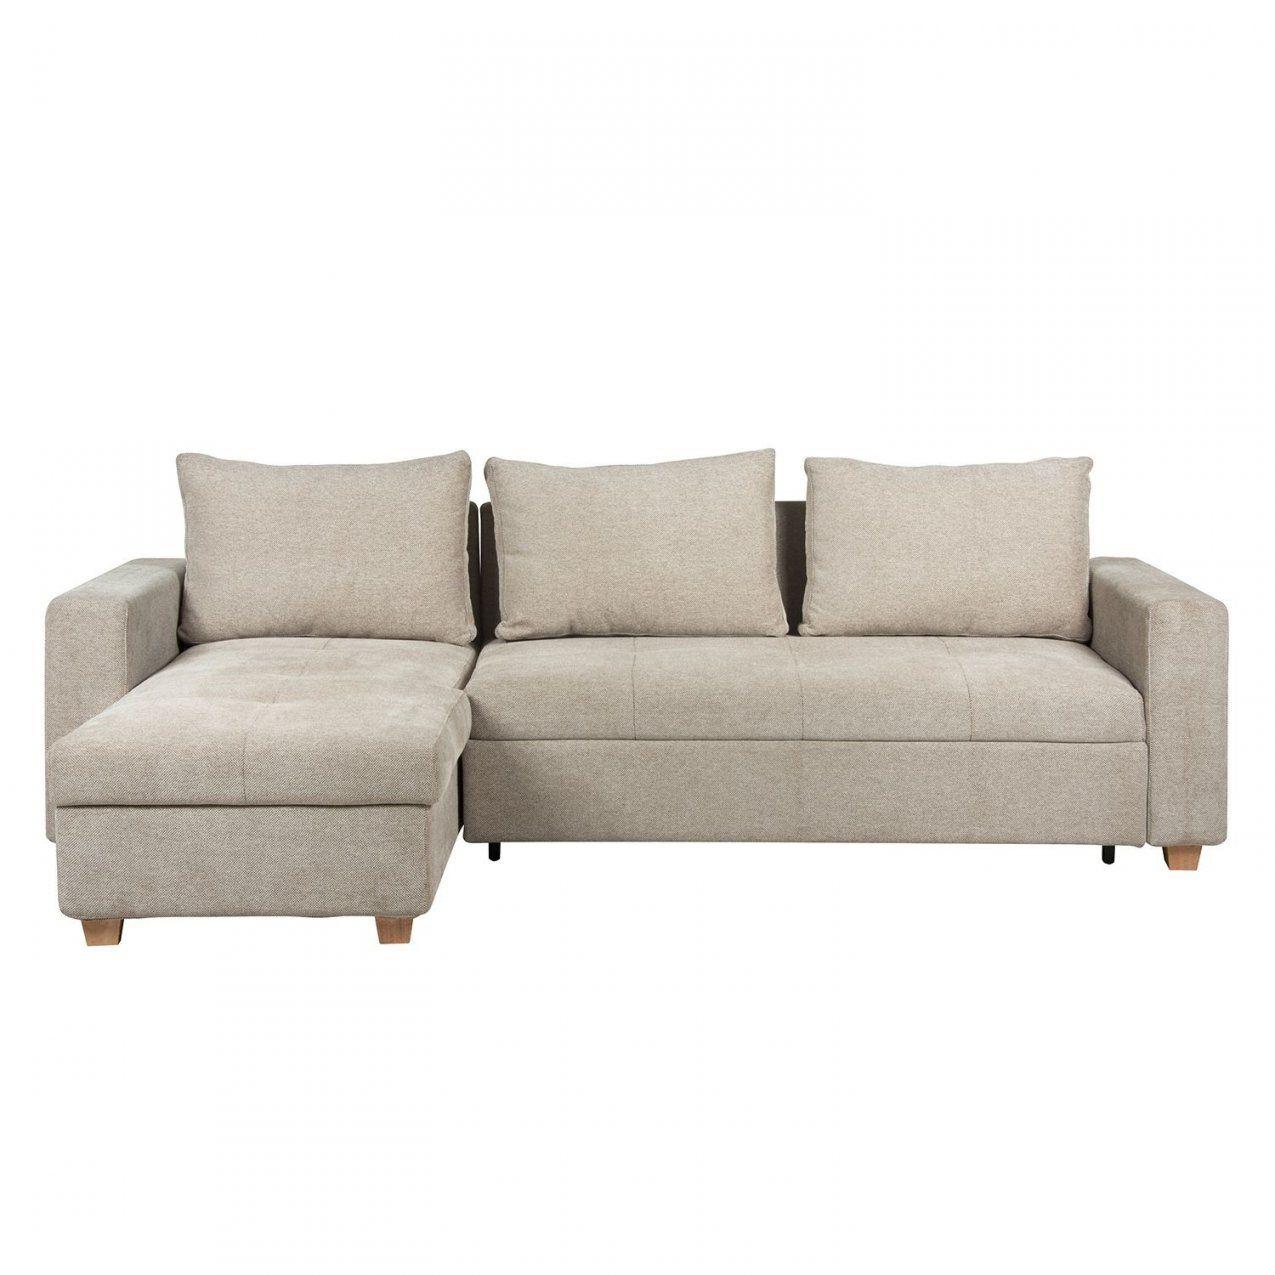 ecksofa aufregend ecksofa mit schlaffunktion f r kleine r ume ideen von ecksofa f r kleine r ume. Black Bedroom Furniture Sets. Home Design Ideas